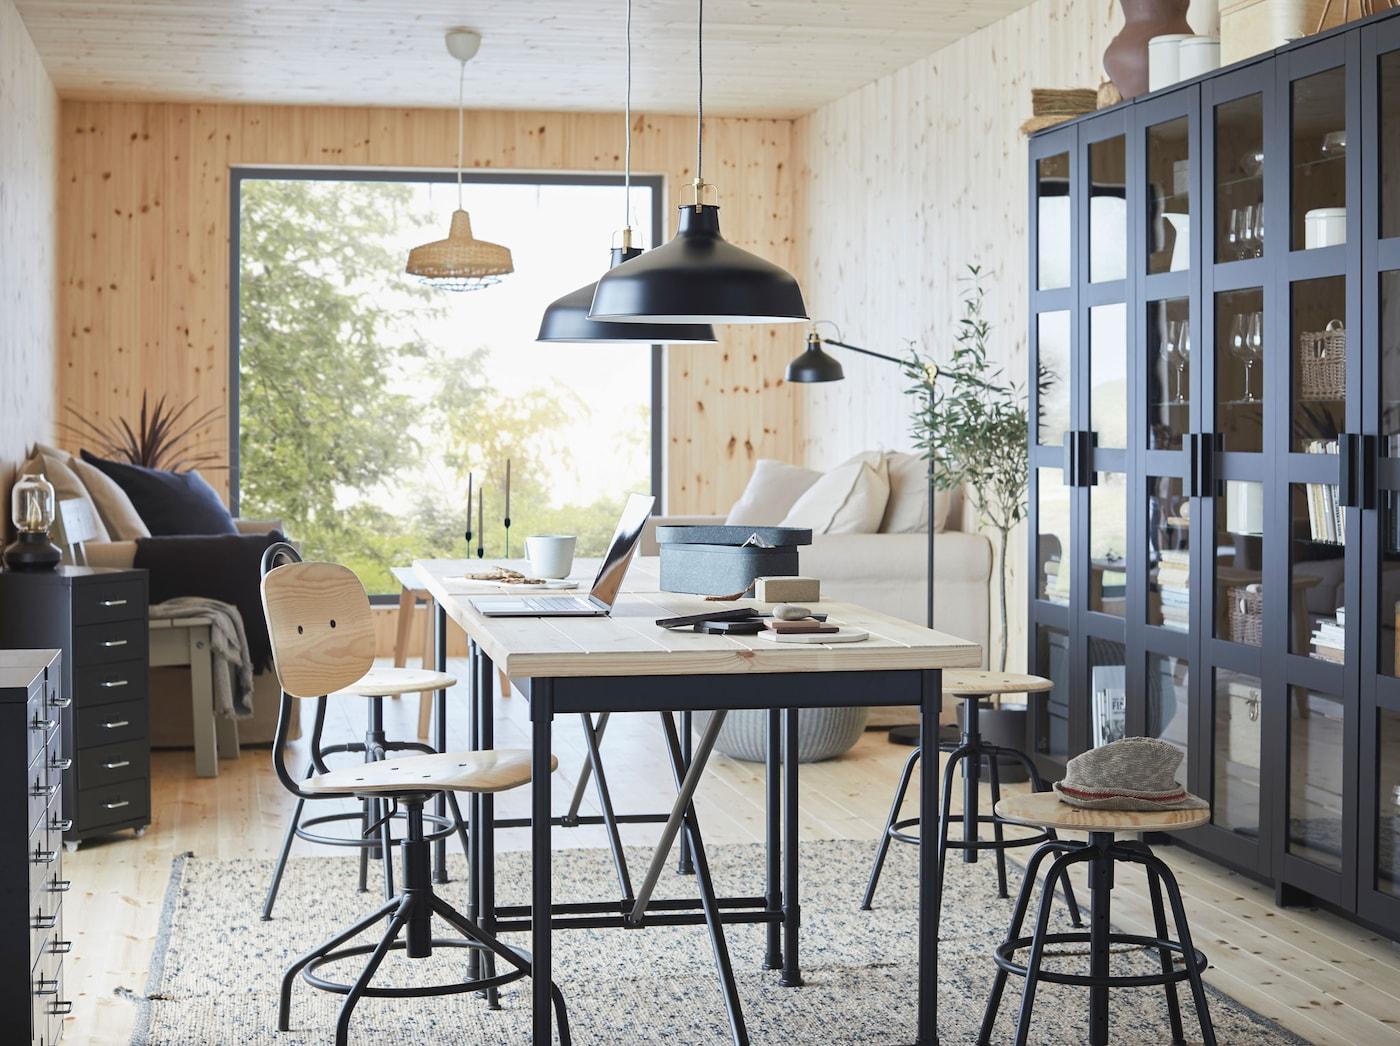 IKEA KULLABERG mäntypintainen työpöytä, jossa on paksu pöytätaso ja teollinen tyyli, sopii työtilaan, ruokapöydäksi tai olohuoneeseen.